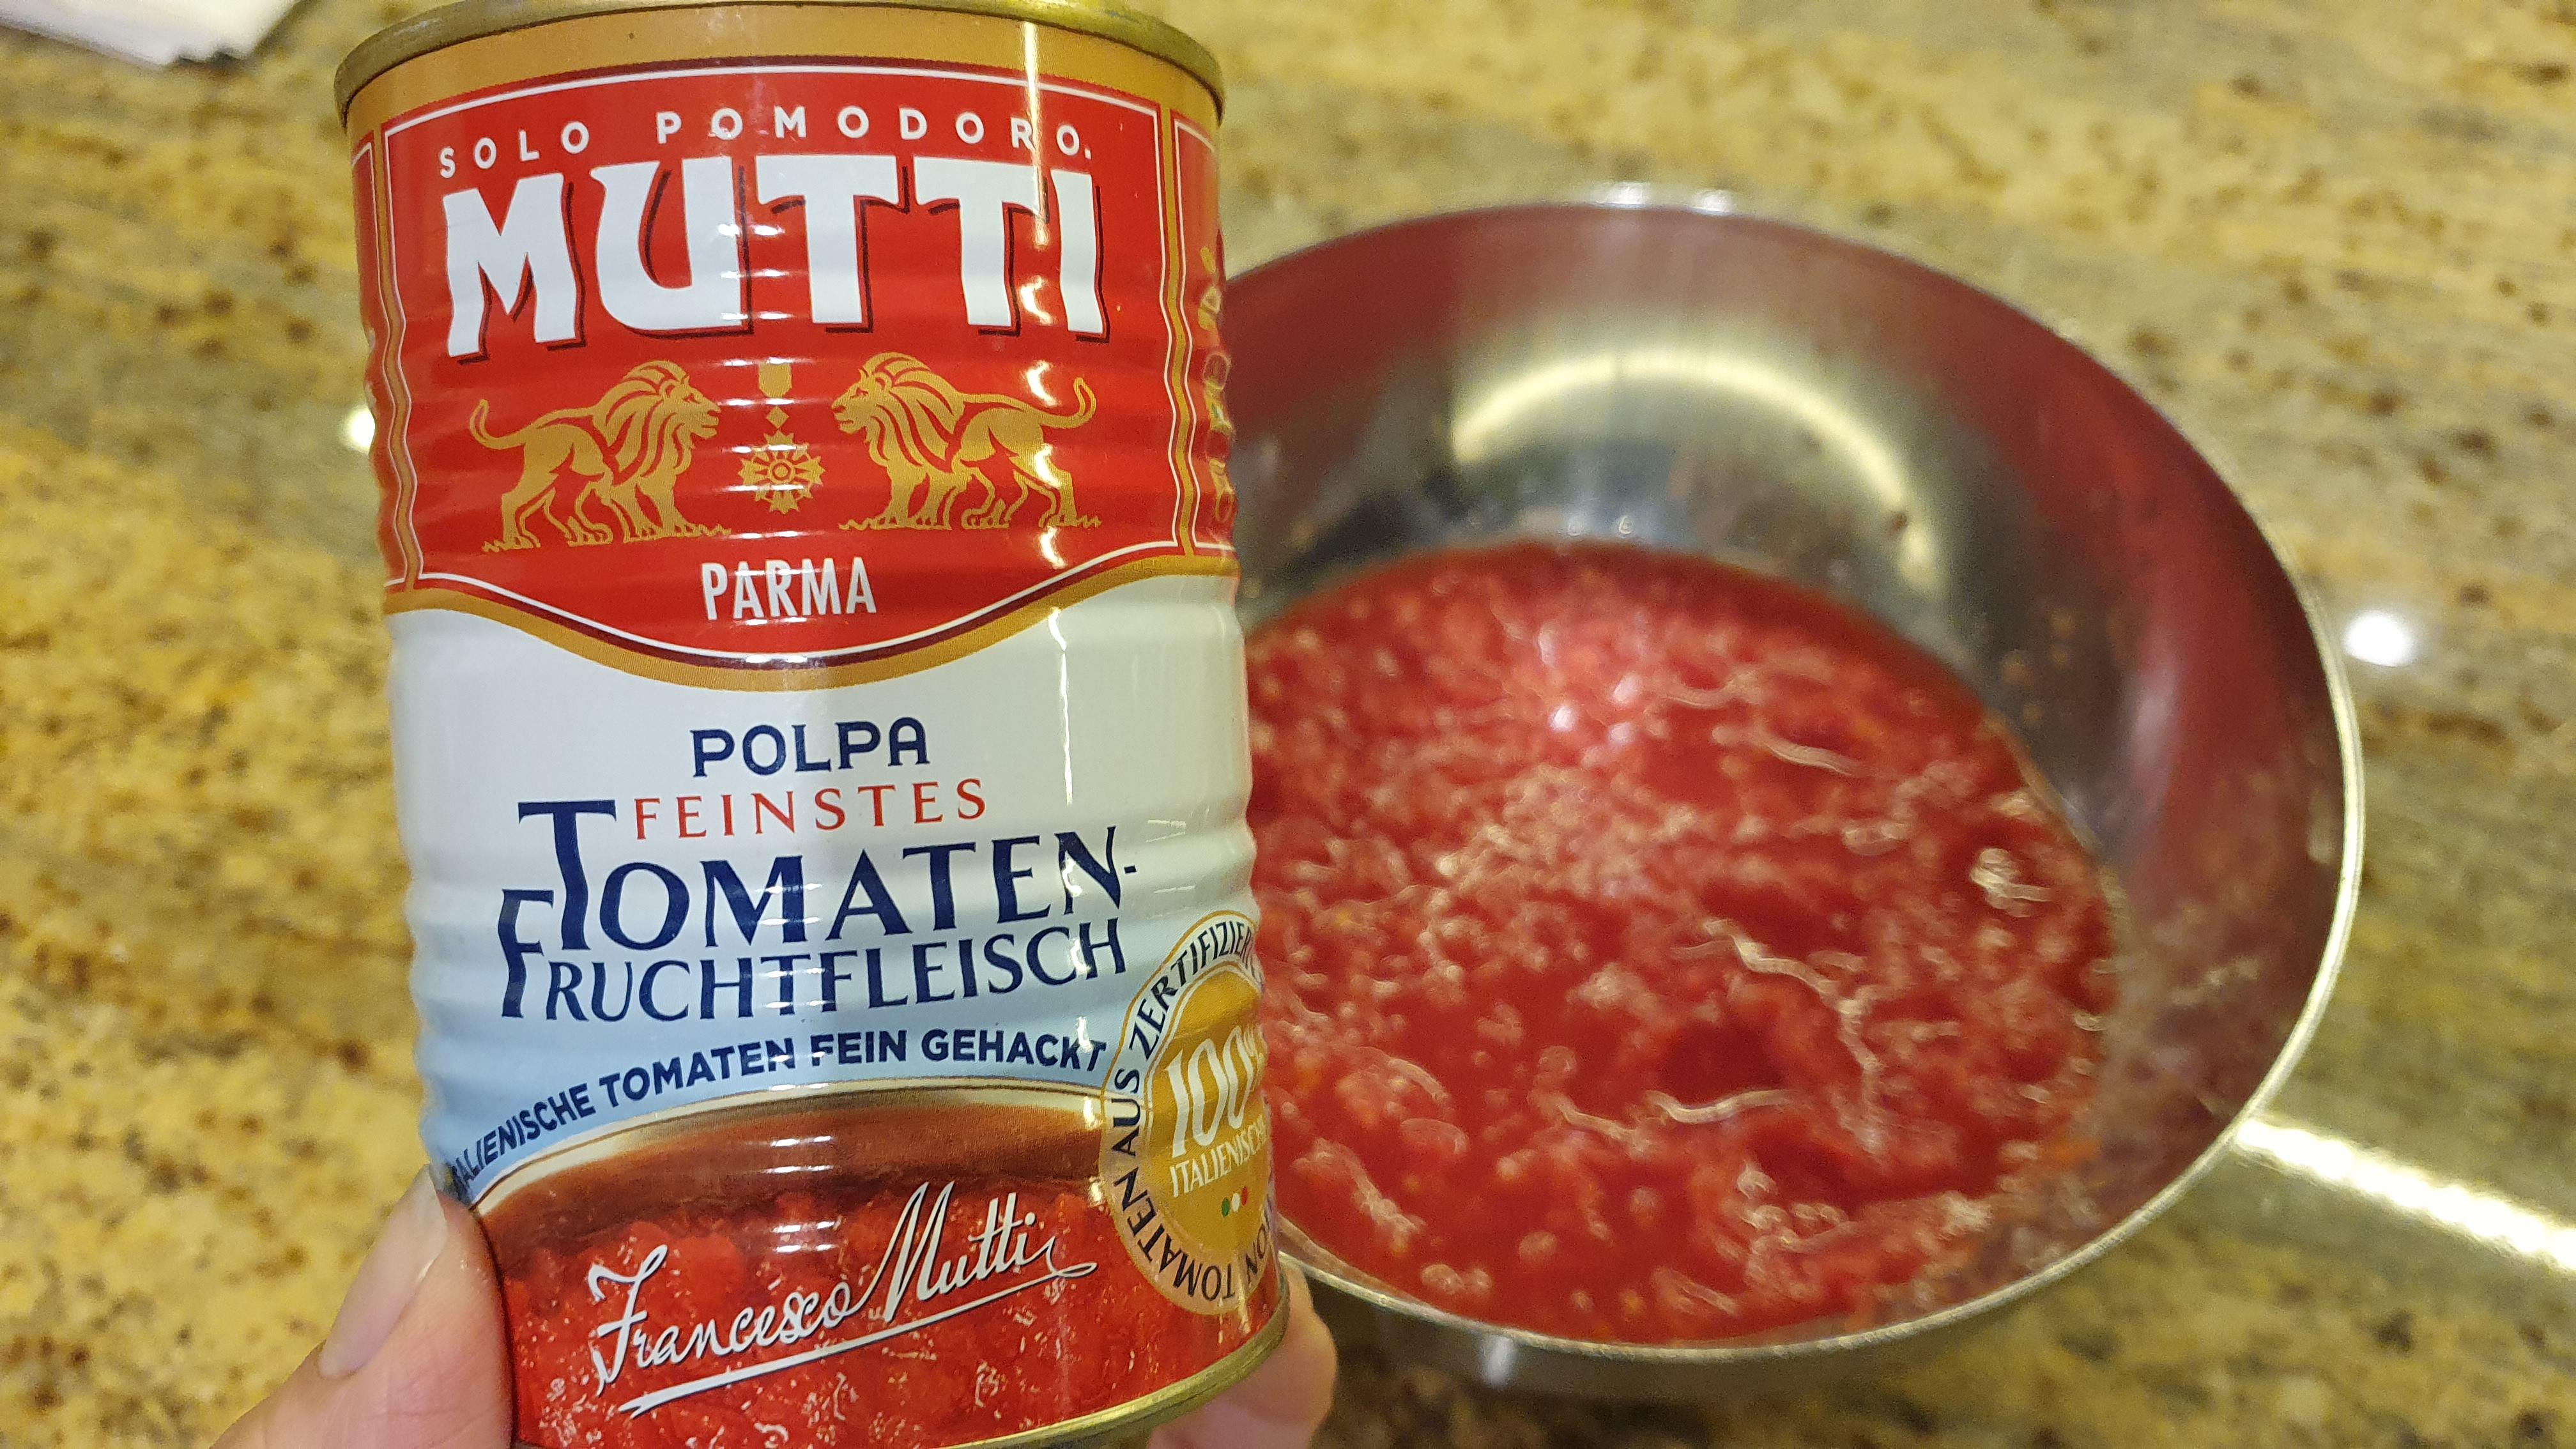 Do misky vylejeme konzervu drvených paradajok. V sezóne môžeme dať aj čerstvé rajčiny bez šupky a pecky v strede, pokrájané na mini kúsky. Osolíme a pridáme zarovnanú lyžicu cukru, pretlačený strúčik cesnaku a oregano.